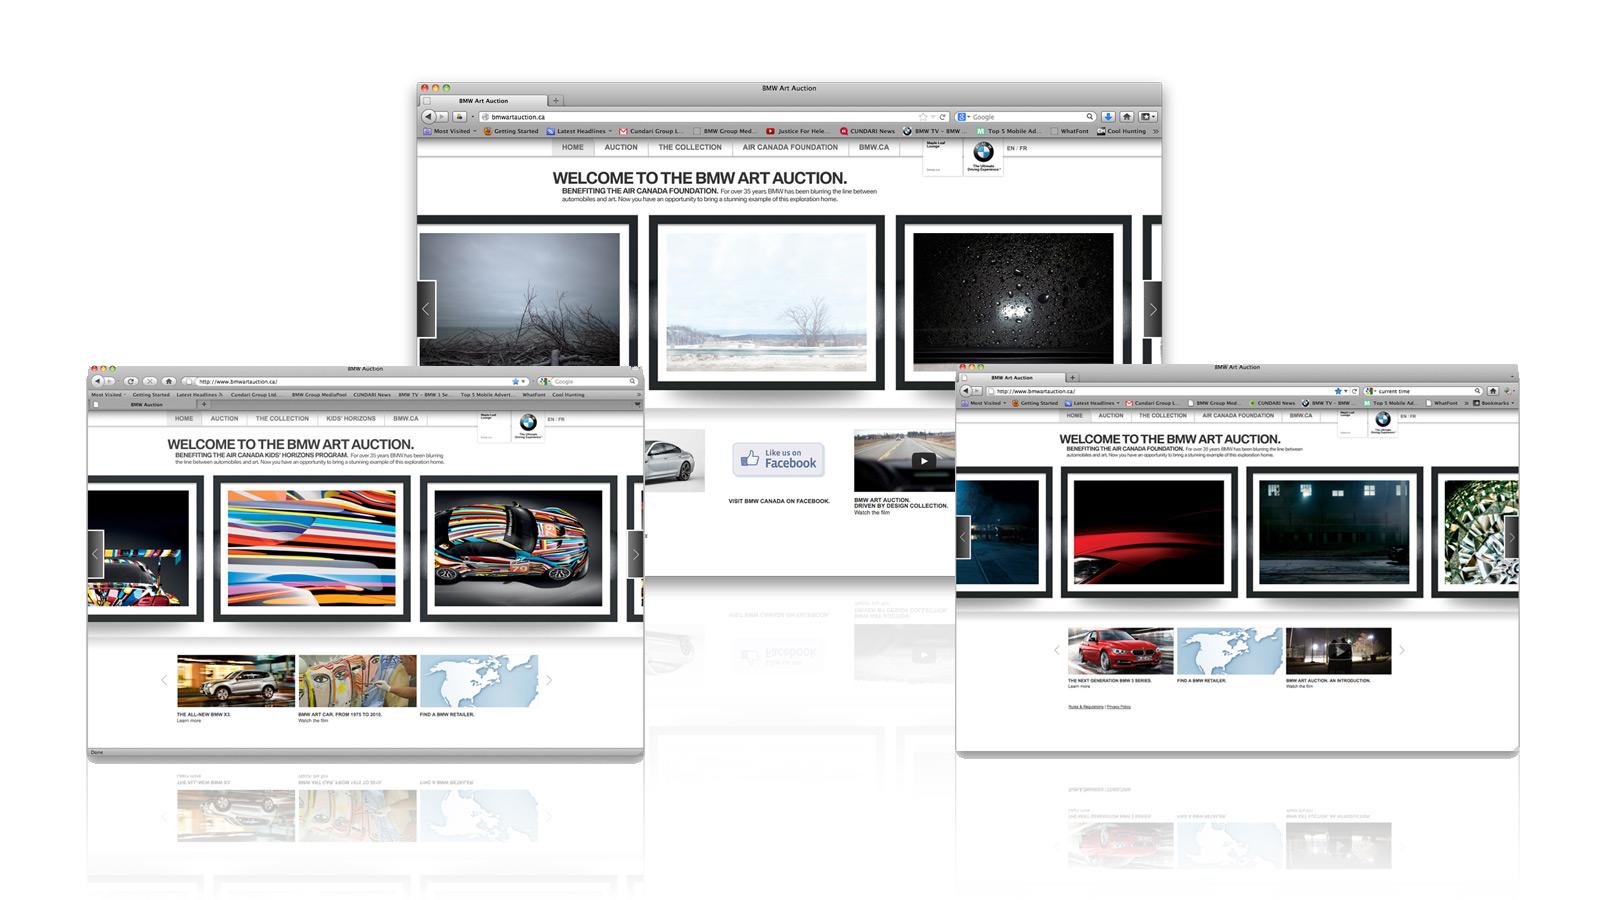 BMW Canada   La vente aux enchères d'œuvres d'art BMW   Design de site web, Développement de site web, Innovation numérique, Marketing numérique, Médias sociaux, Publicité automobile, Stratégie